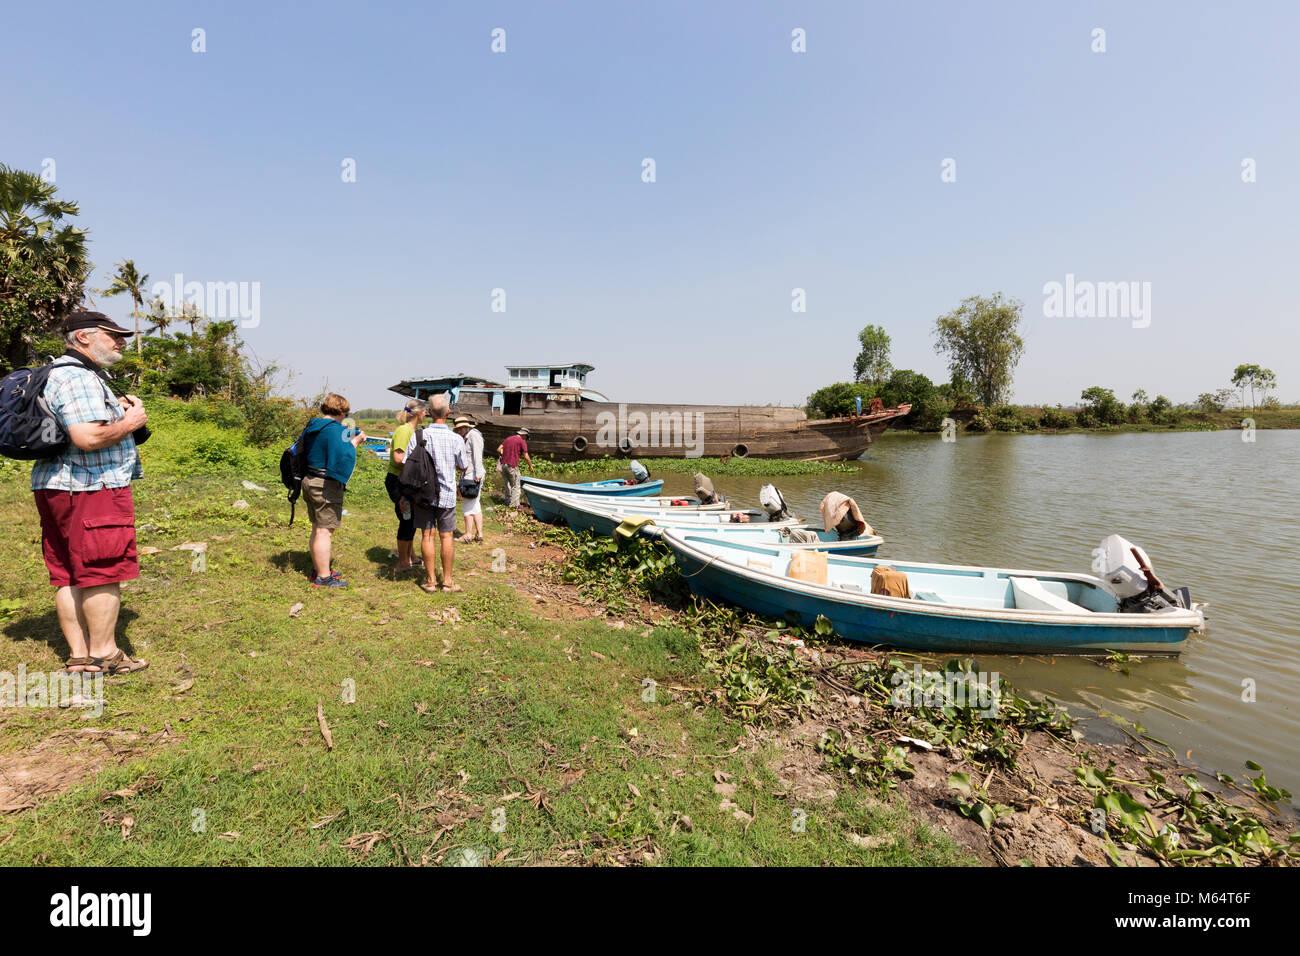 Camboya - Junta de Turismo turistas lanchas rápidas para un viaje por los canales de la Campiña Sur, Camboya, Imagen De Stock